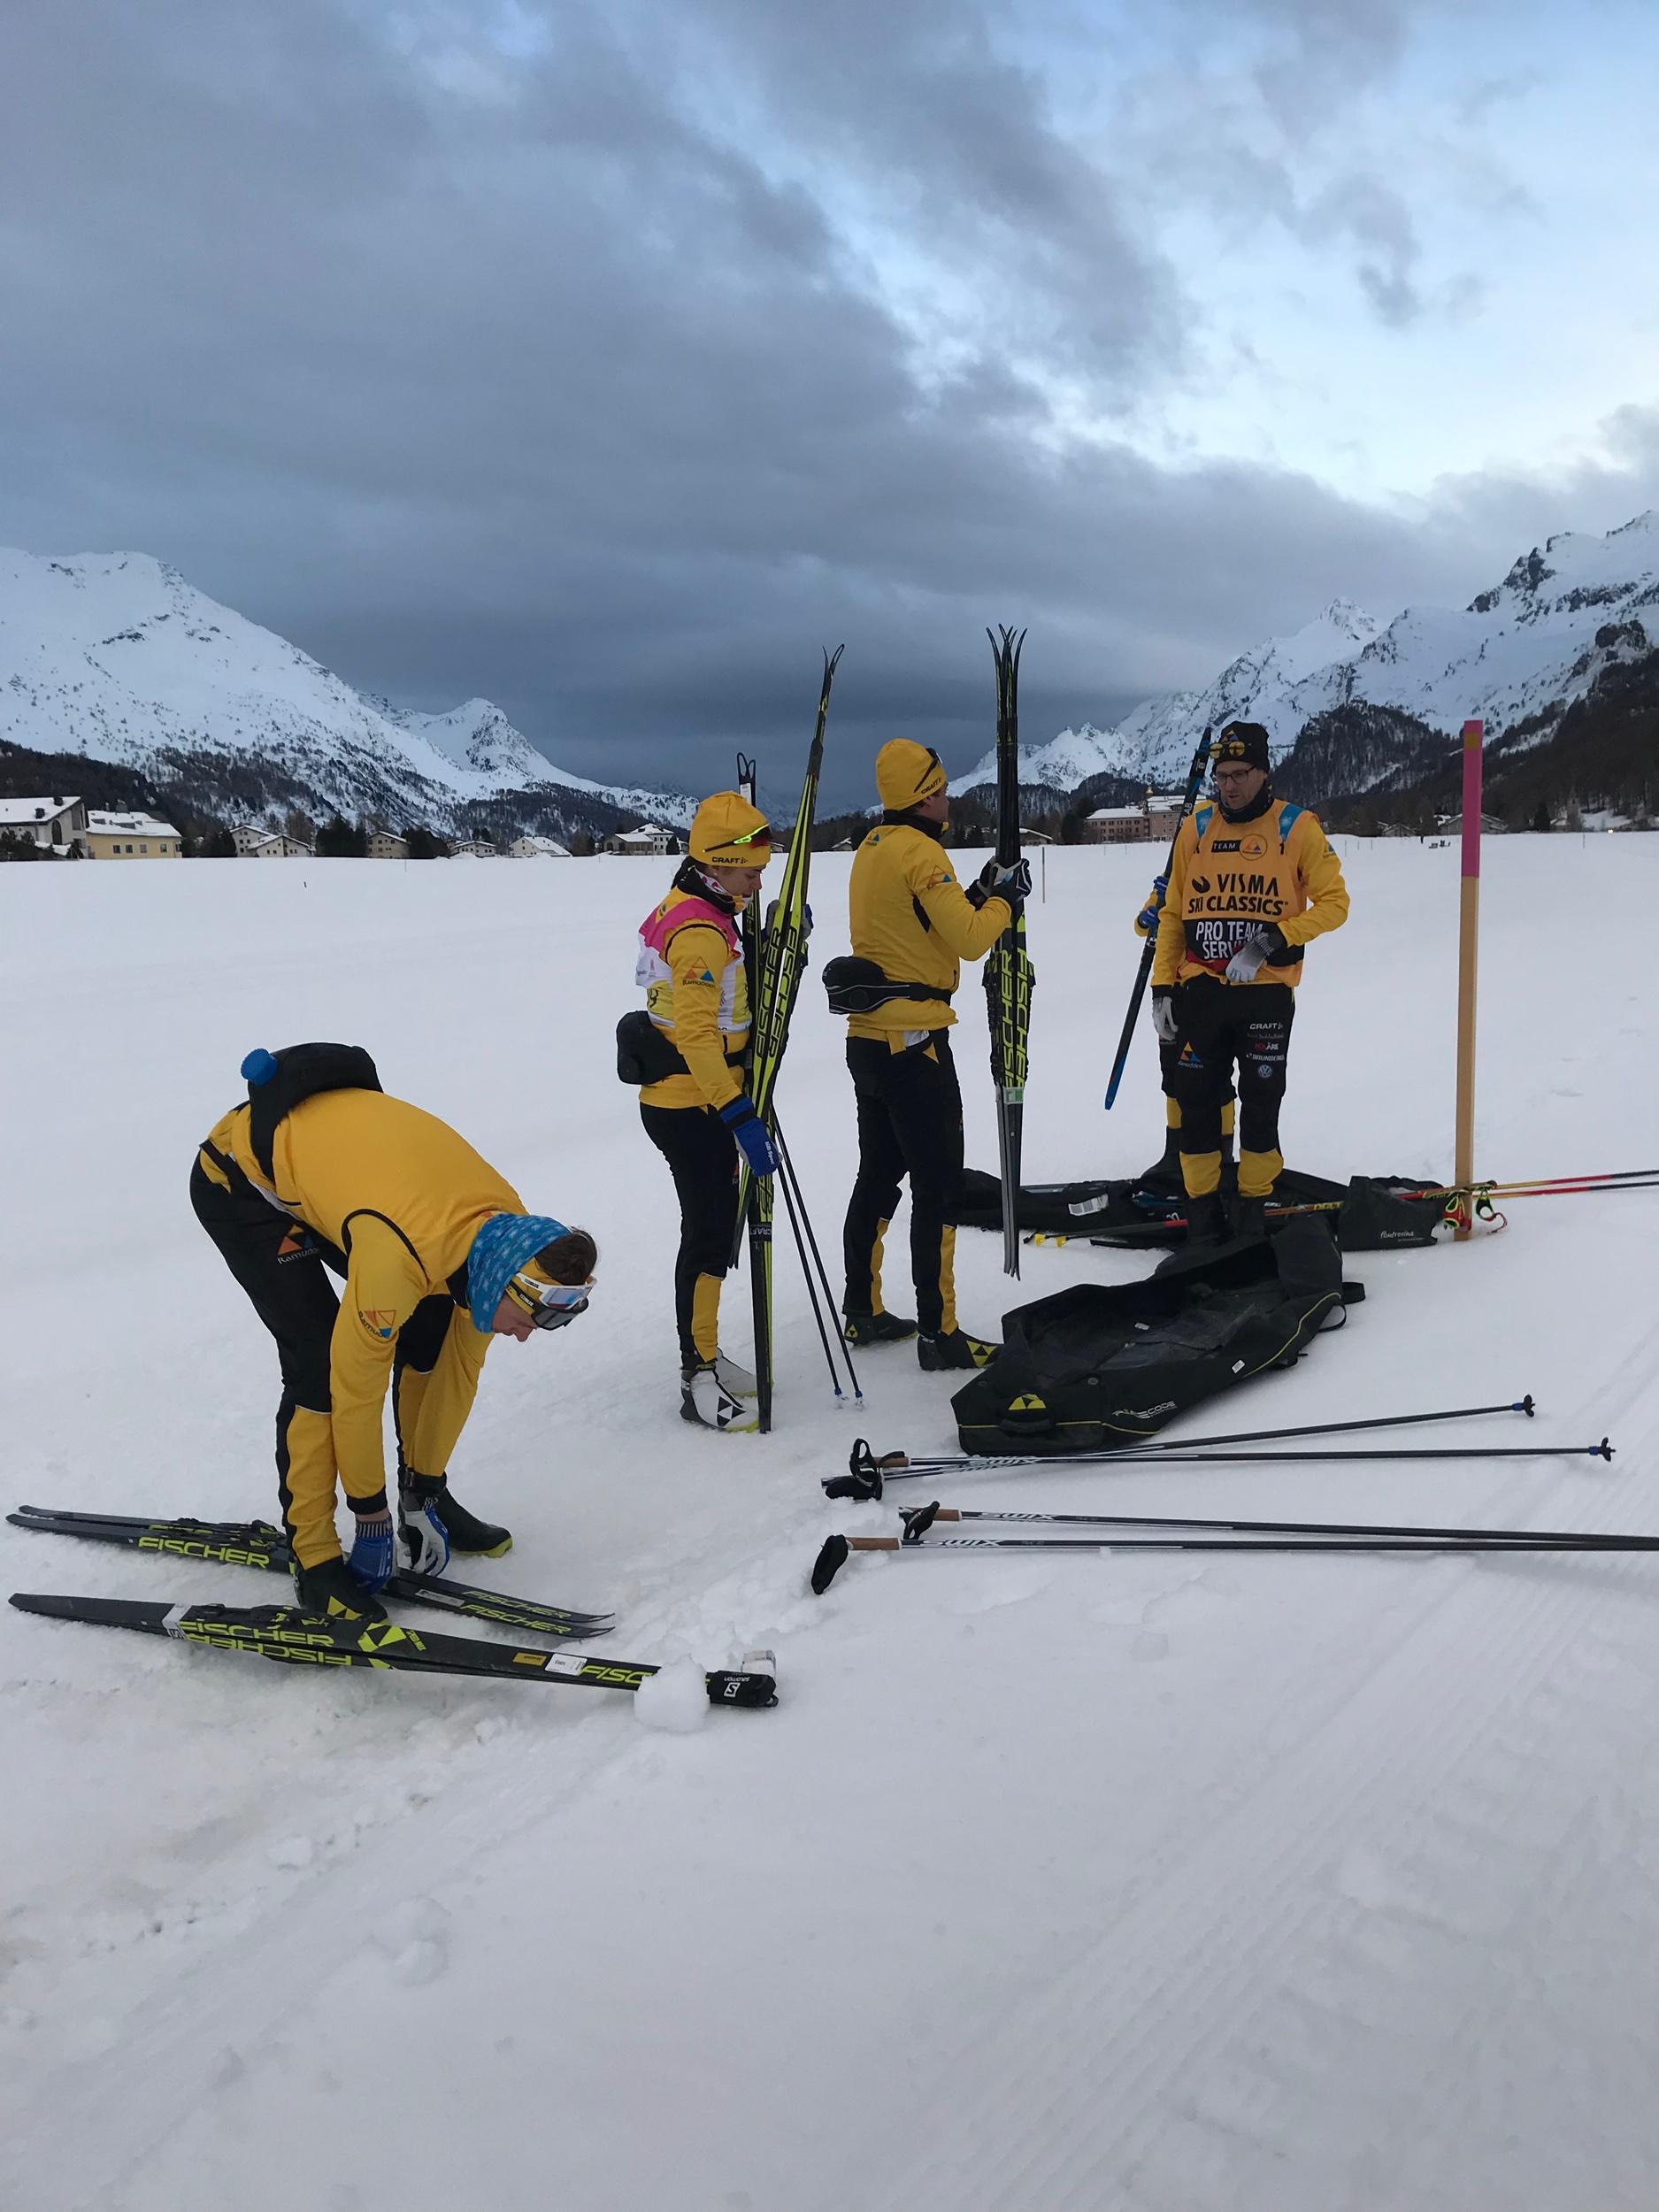 Taggat gäng före start på Engadin Ski Maraton.